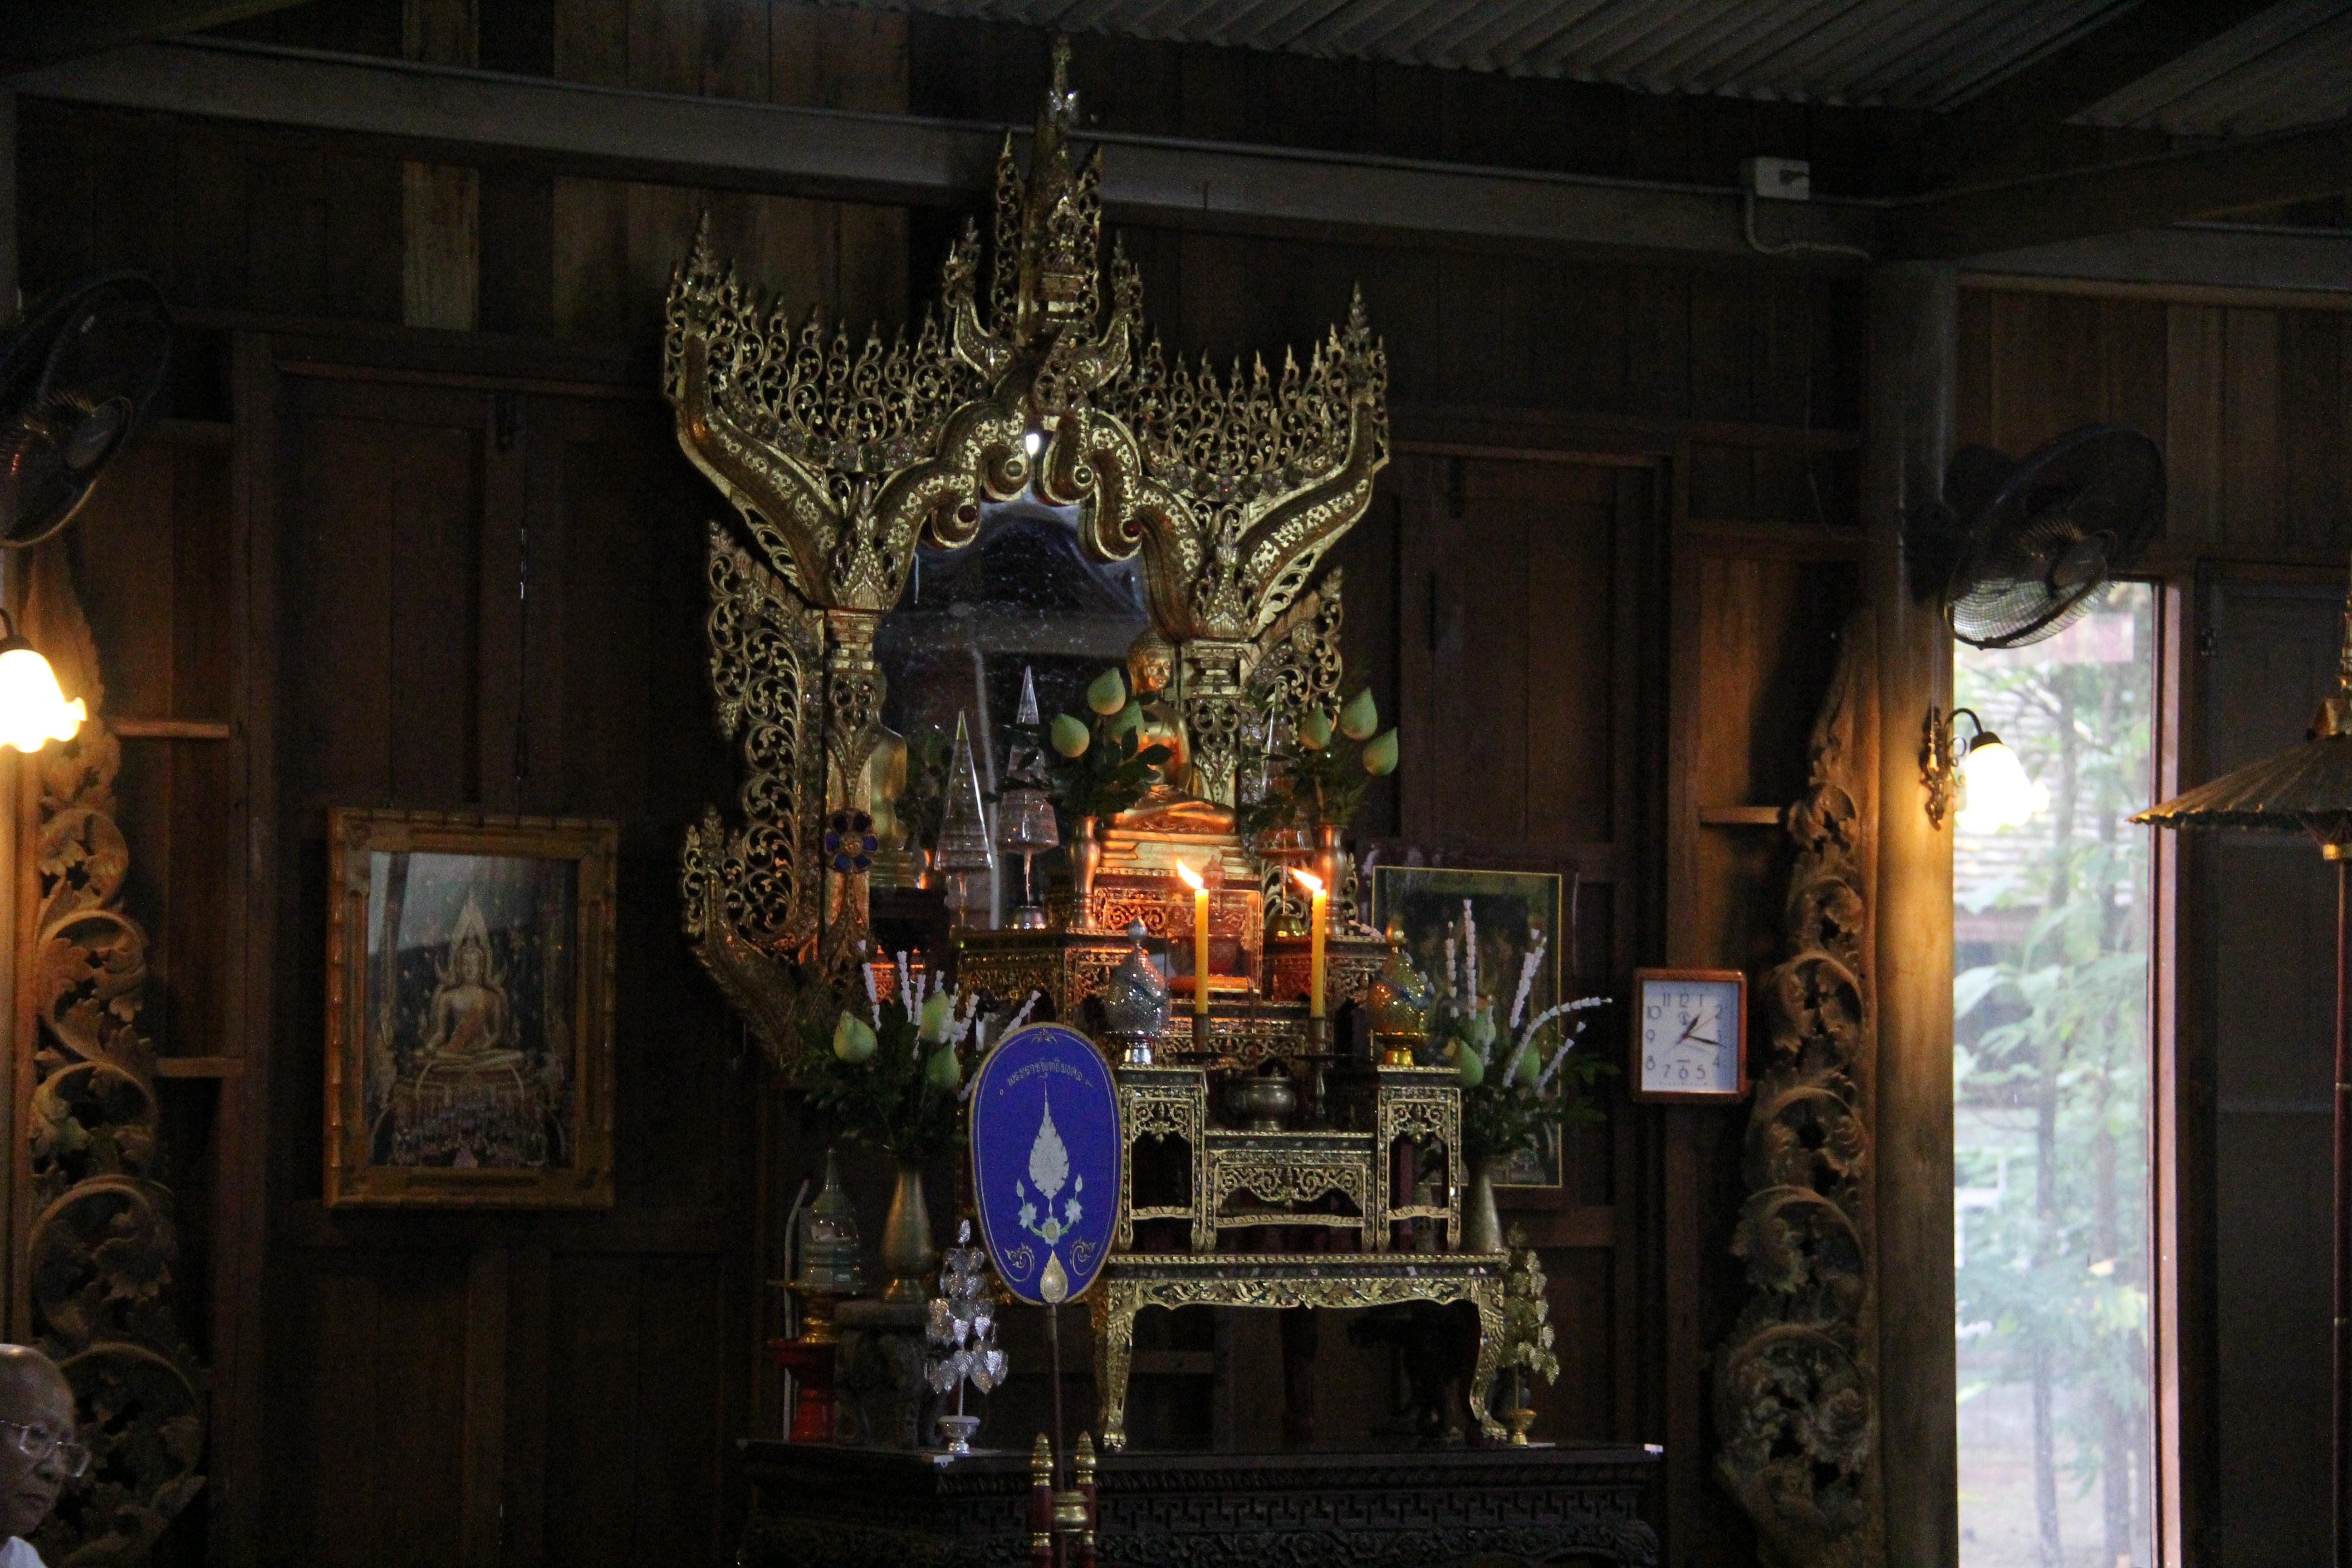 พิธีเปิดโครงการอบรมวิปัสสนากรรมฐาน ปีที่ 21 ประจำปี 2558 เมื่อวันที่ 11 ตุลาคม 2558